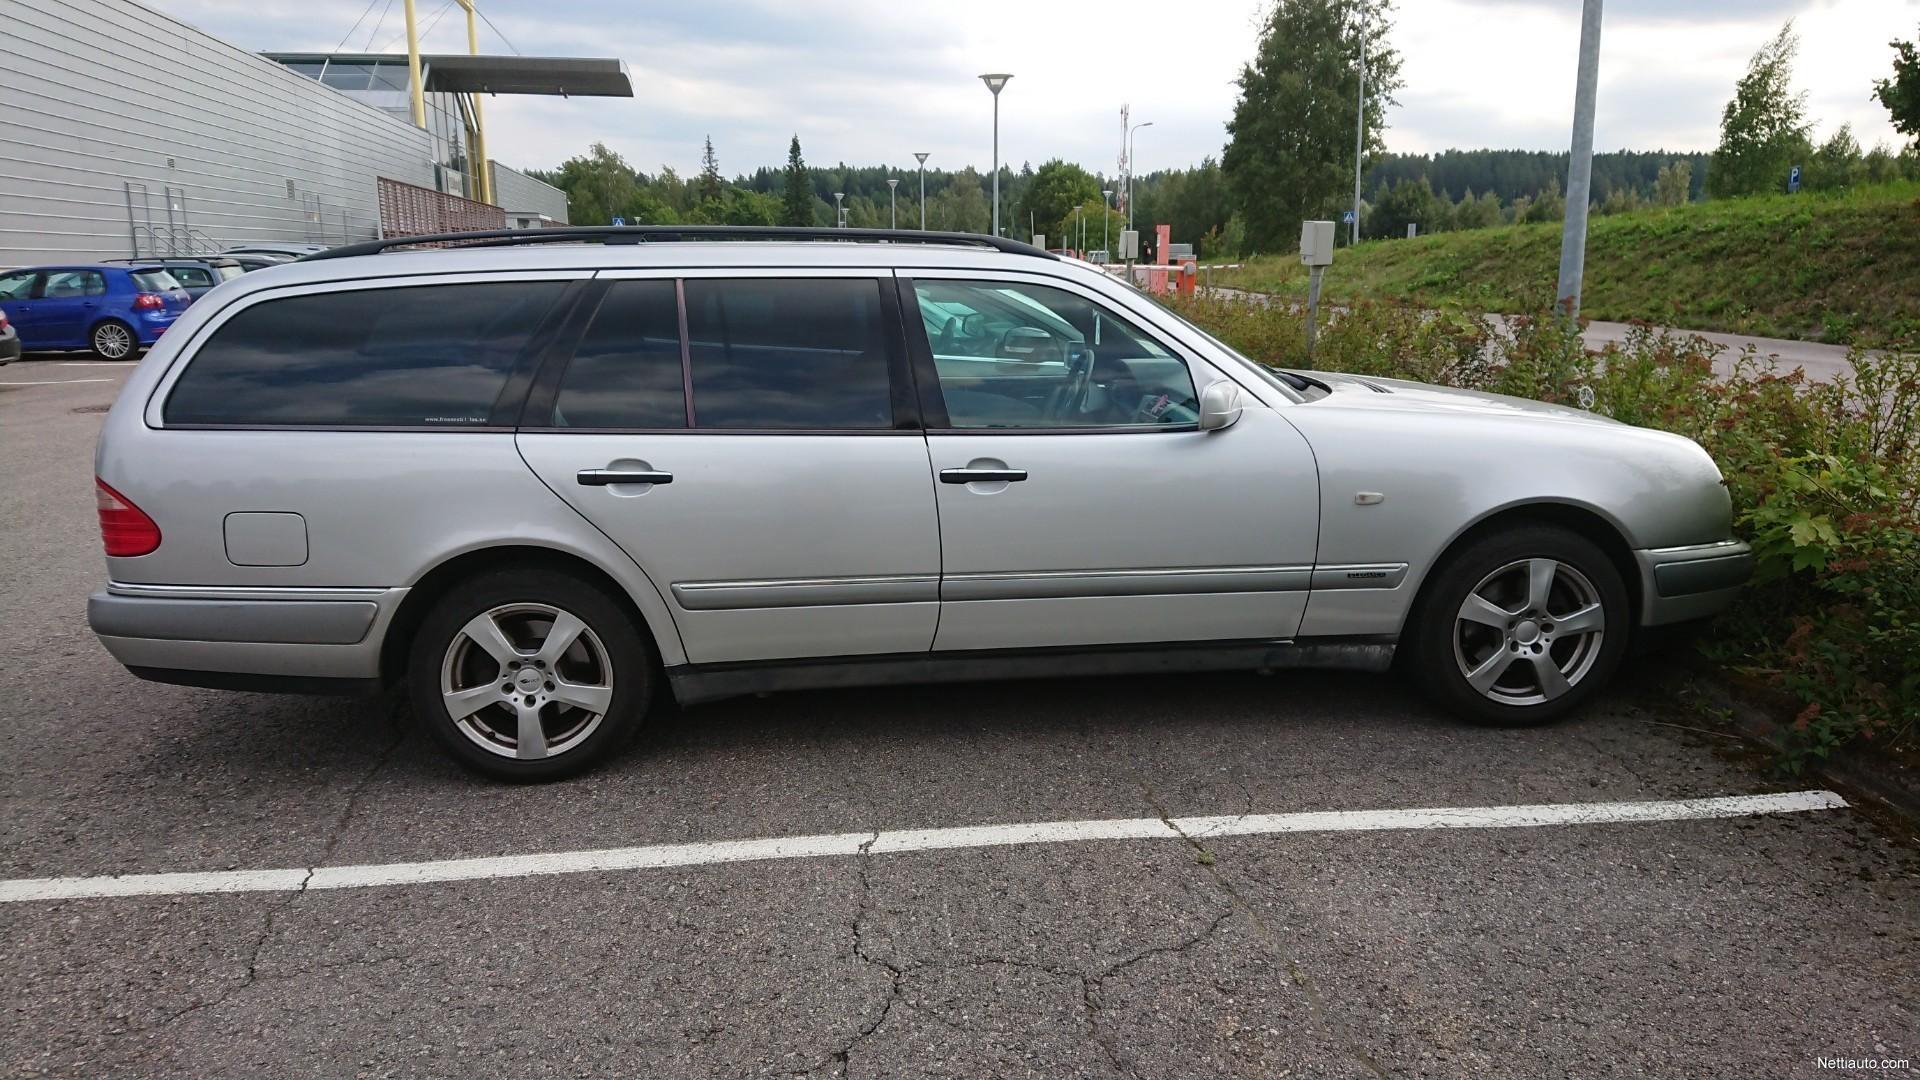 Mercedes Benz Arvostelut & kokemuksia Nettiauto